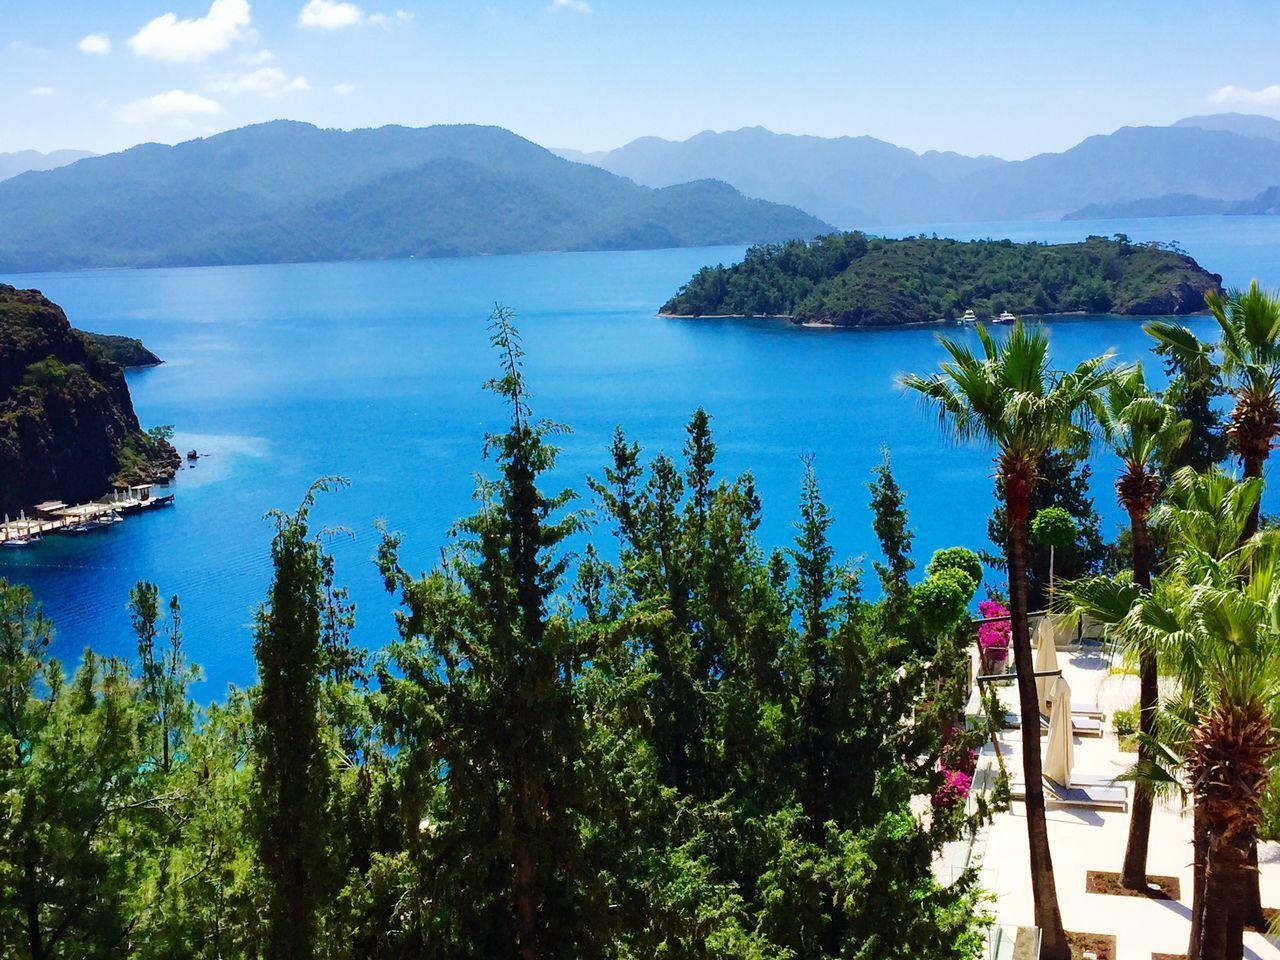 Calm Sea Sea Island Green Nature Mobile Photography Mobilephotography IPhoneography Landscape Landascape Landscapes